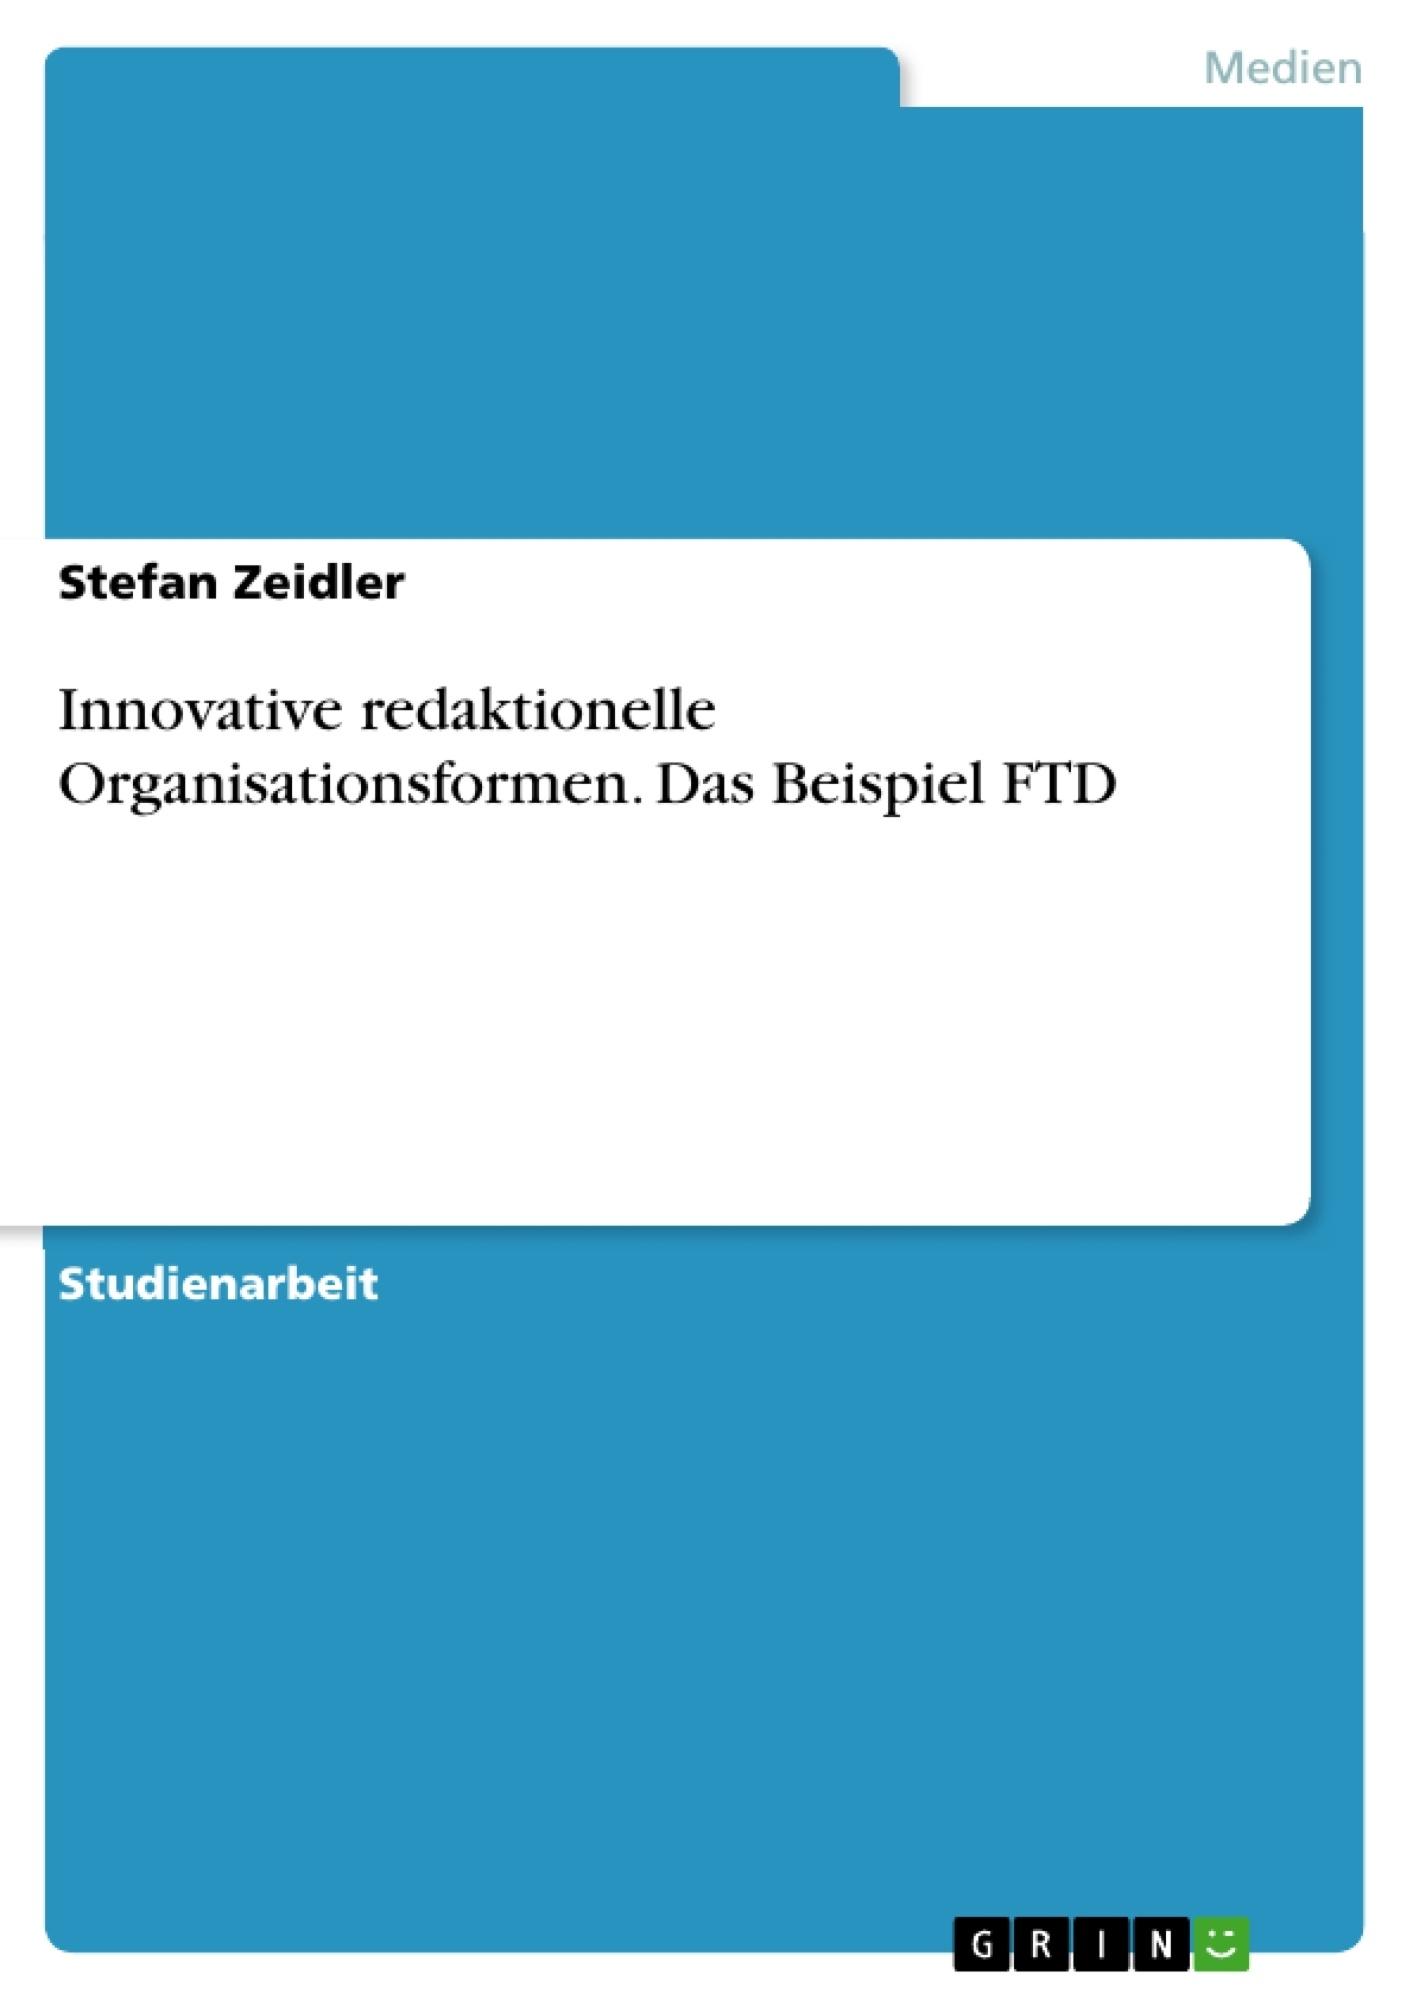 Titel: Innovative redaktionelle Organisationsformen. Das Beispiel FTD